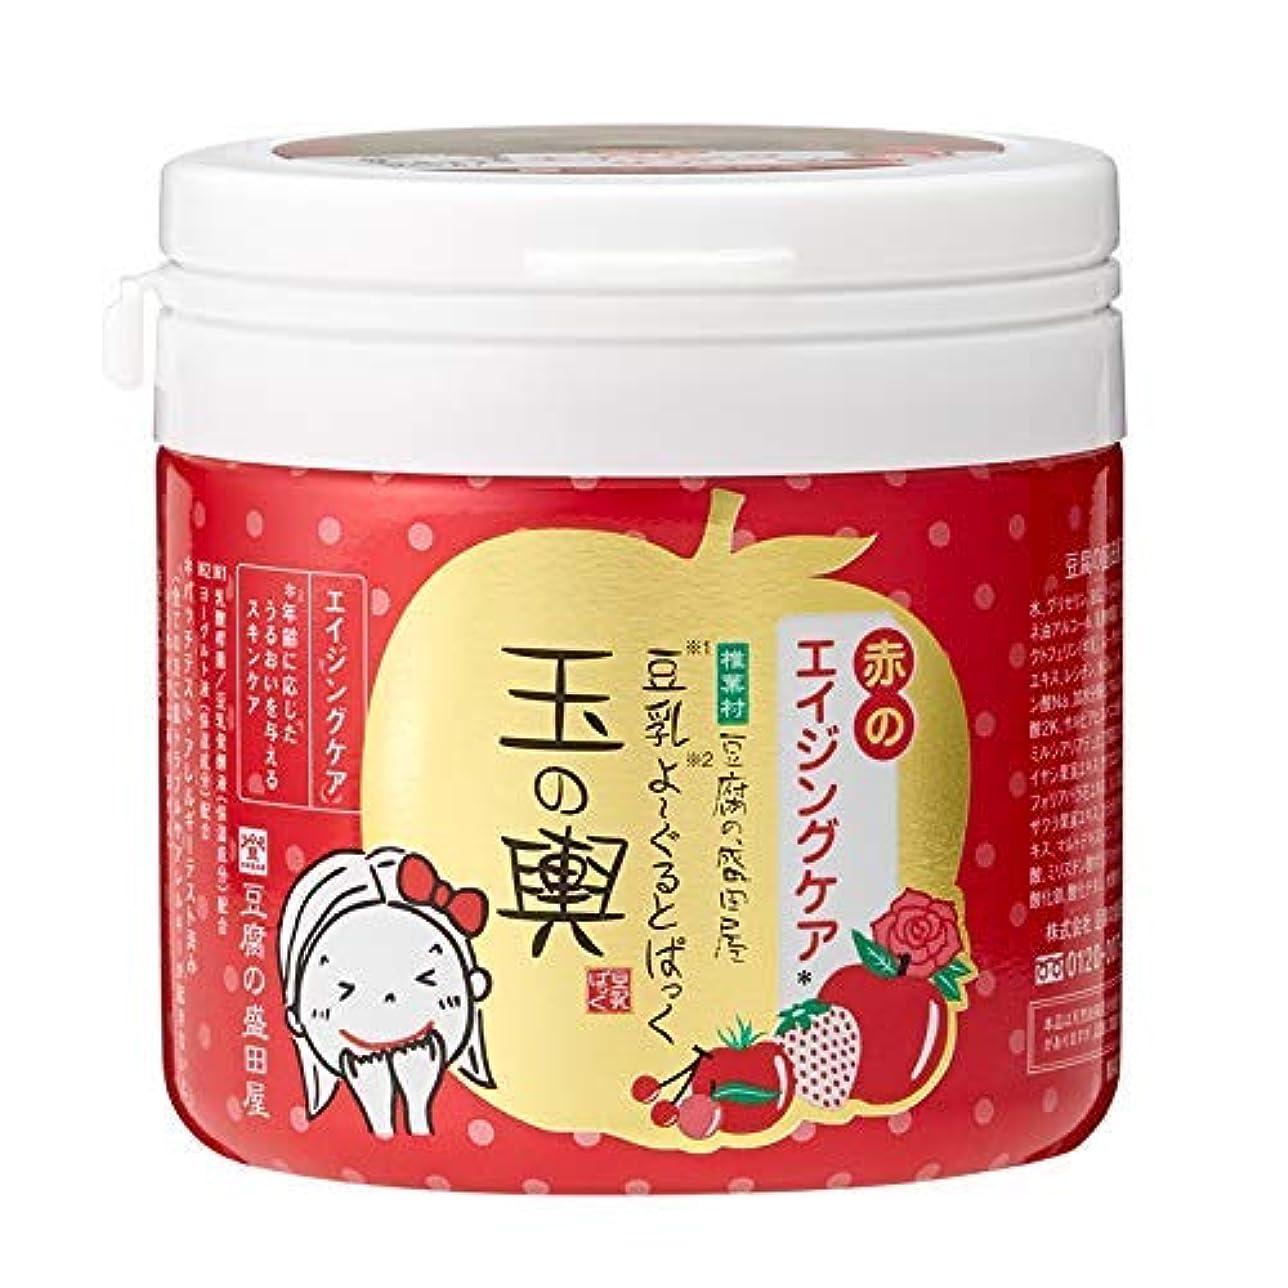 トランスペアレント批判実際豆腐の盛田屋 豆乳よーぐるとぱっく 玉の輿 赤のエイジングケア 150g